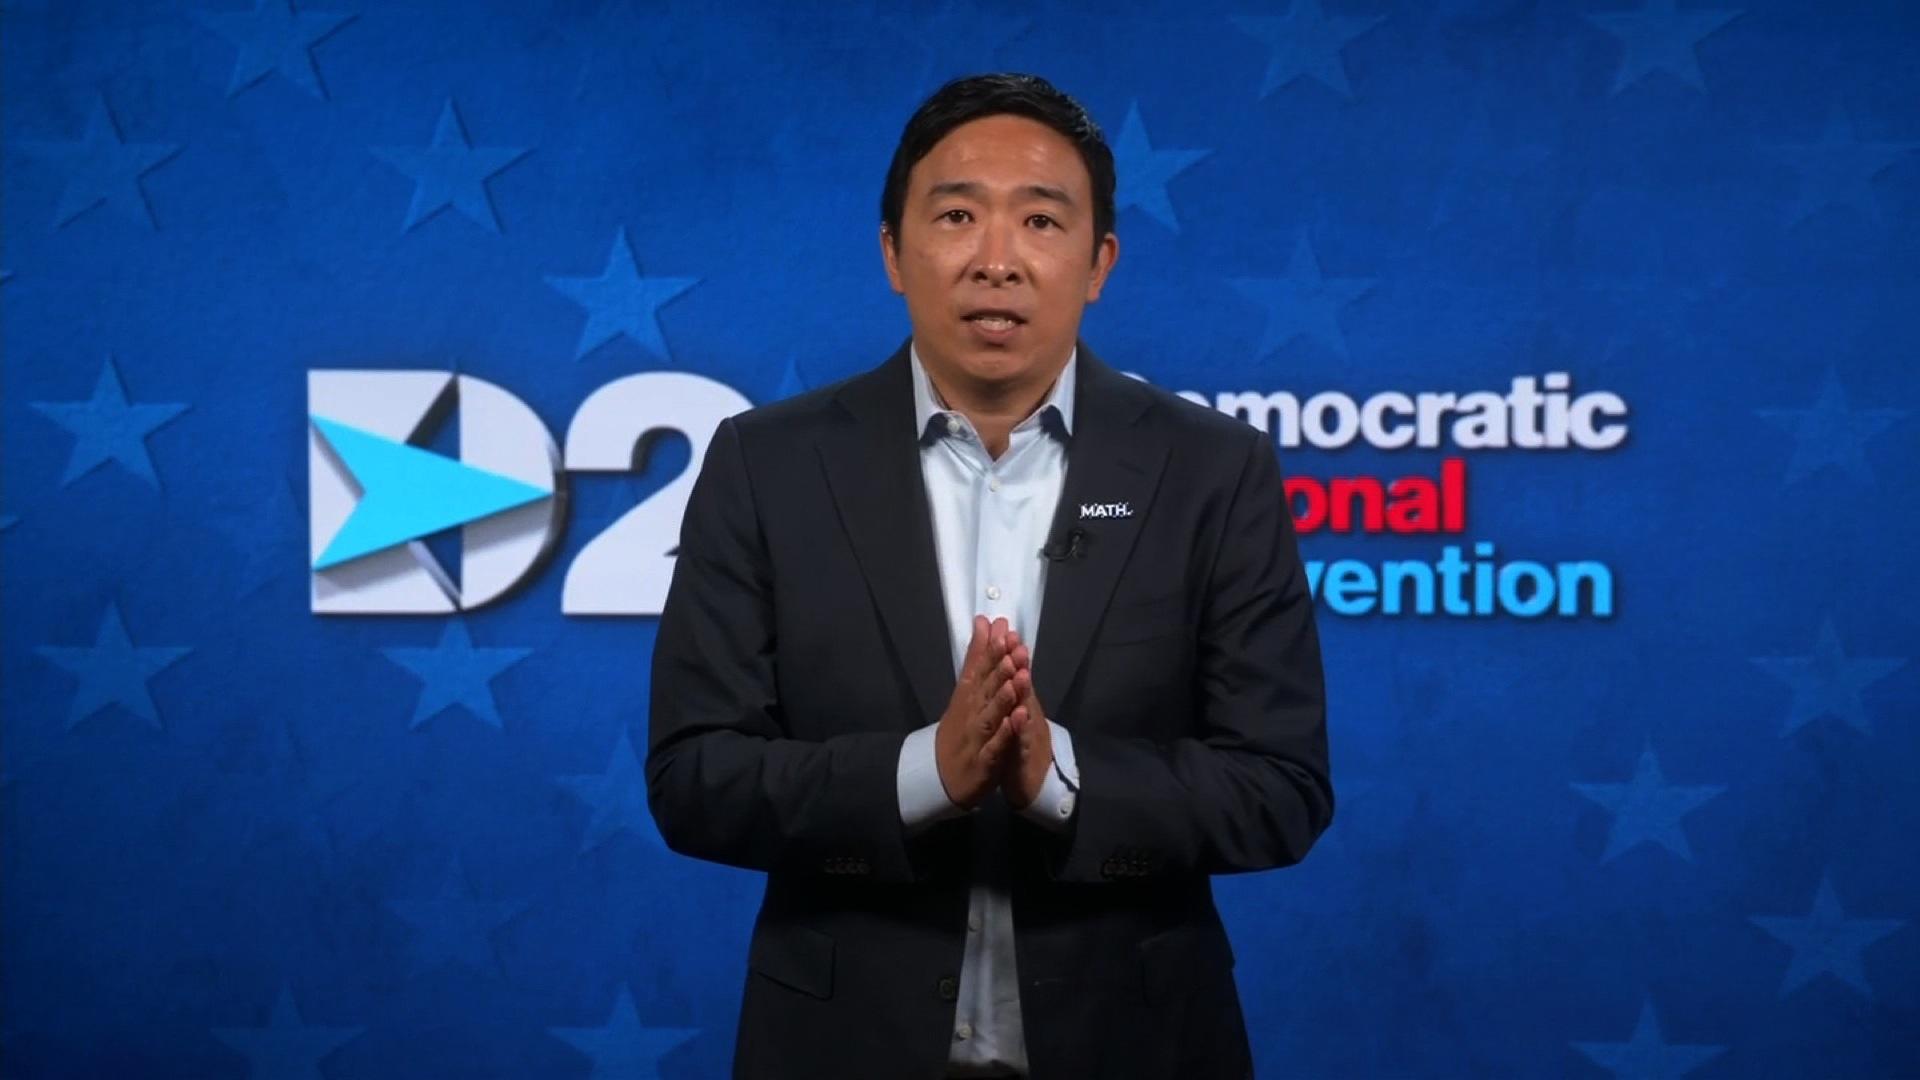 Andrew Yang S Dnc Speech Full Video Cnn Video